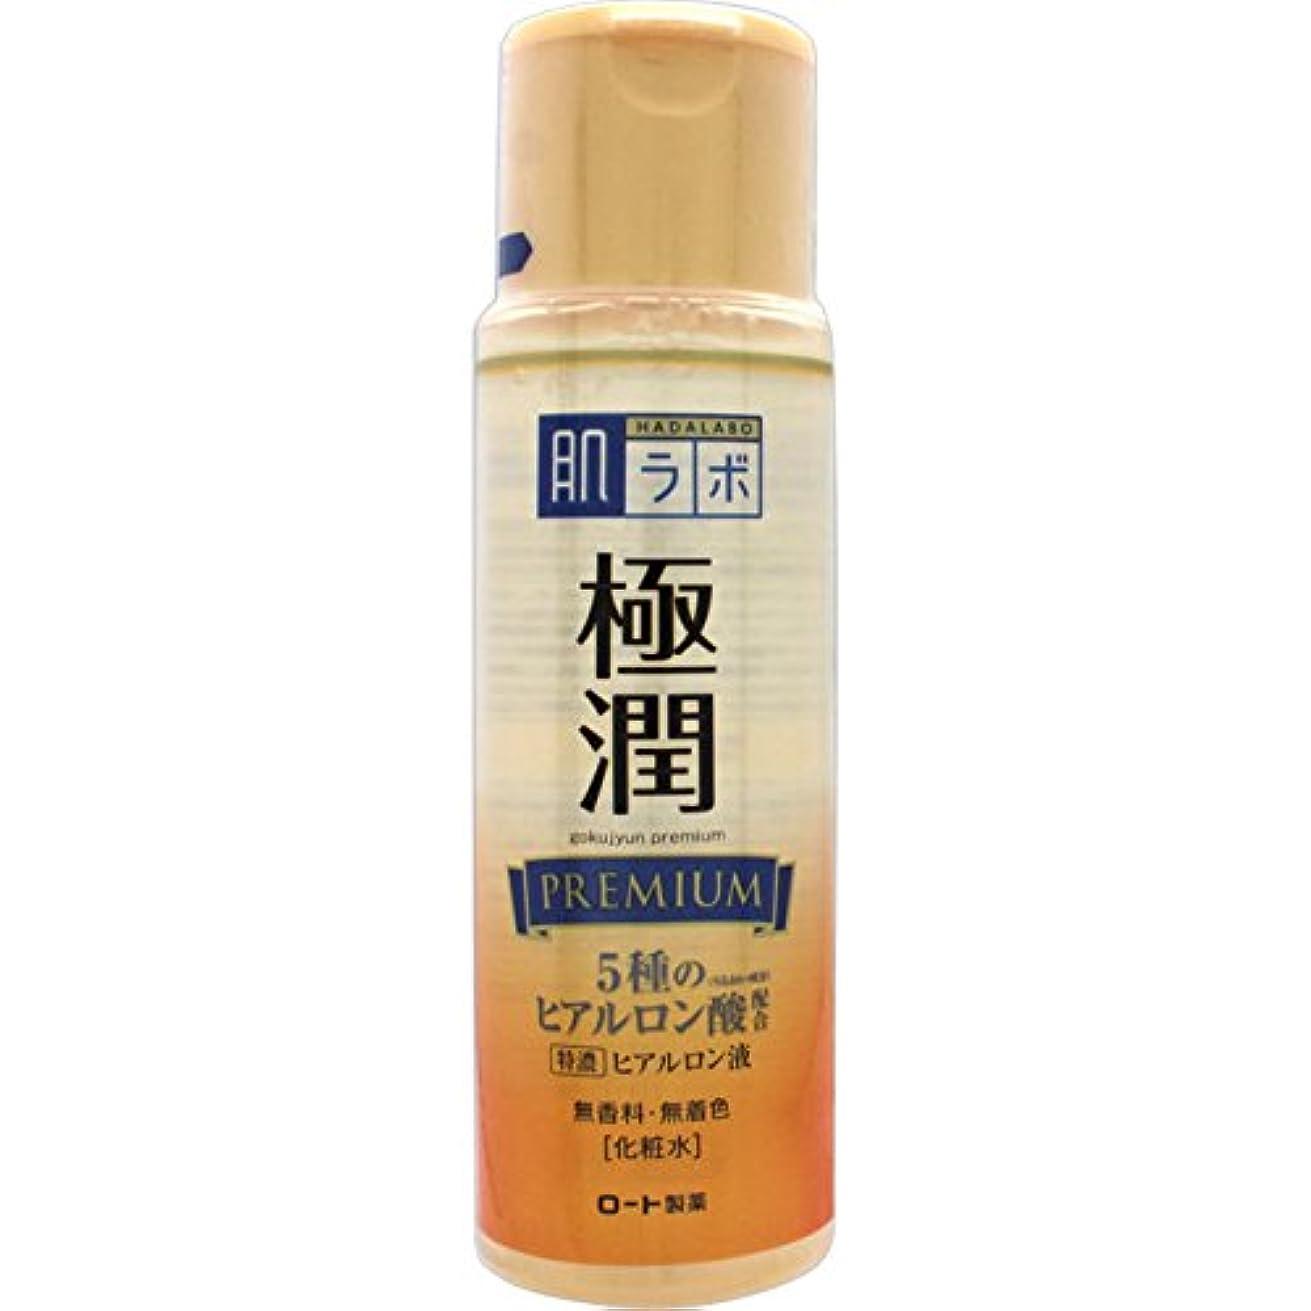 翻訳者潜水艦委任肌ラボ 極潤プレミアム 特濃ヒアルロン酸 化粧水 ヒアルロン酸5種類×サクラン配合 170mL